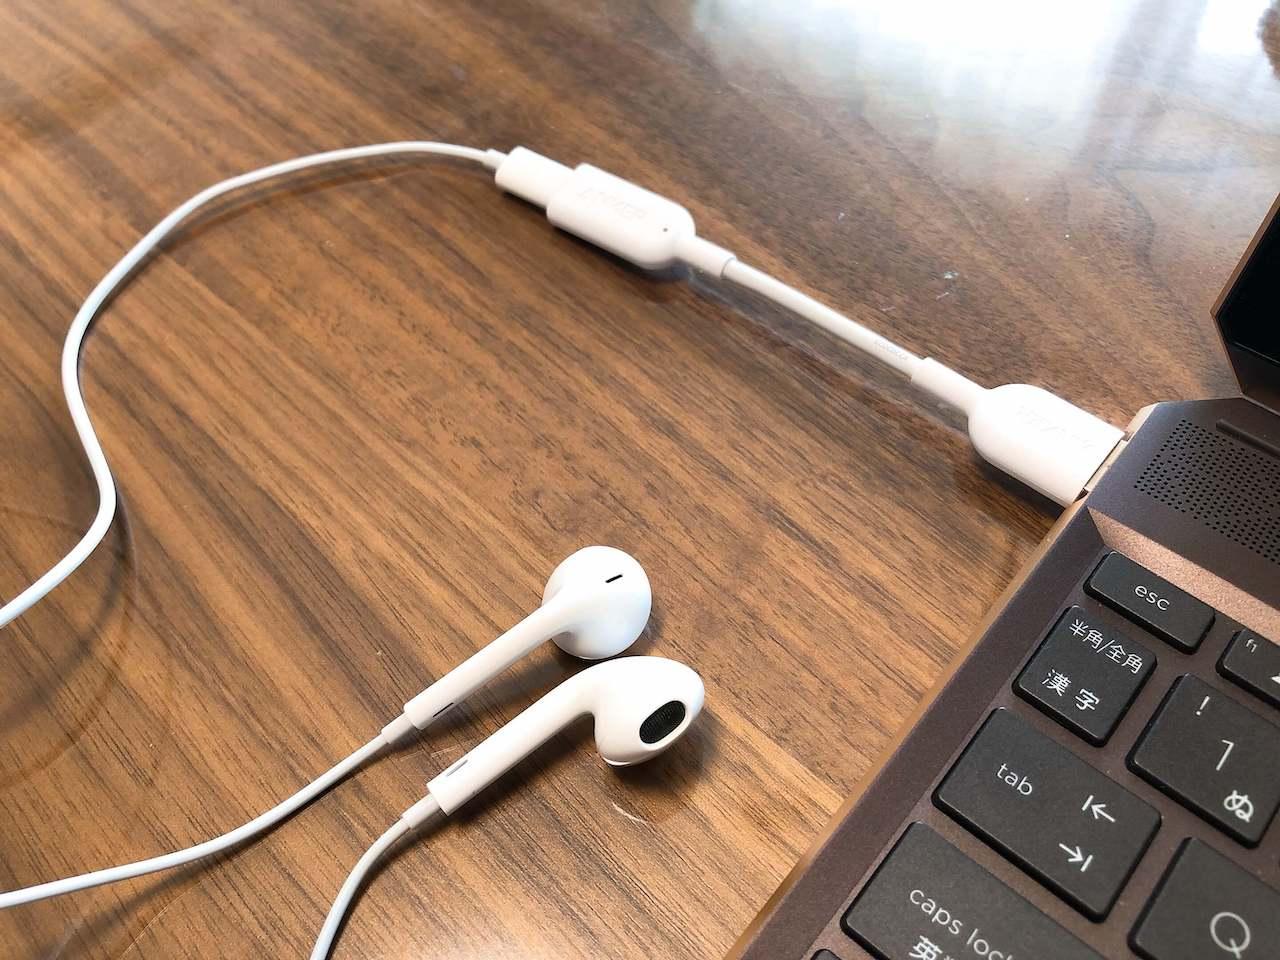 Anker(アンカー)の「USB to Lightning オーディオアダプター」を使ってWeb会議・オンラインミーティングをしているイメージの写真です。